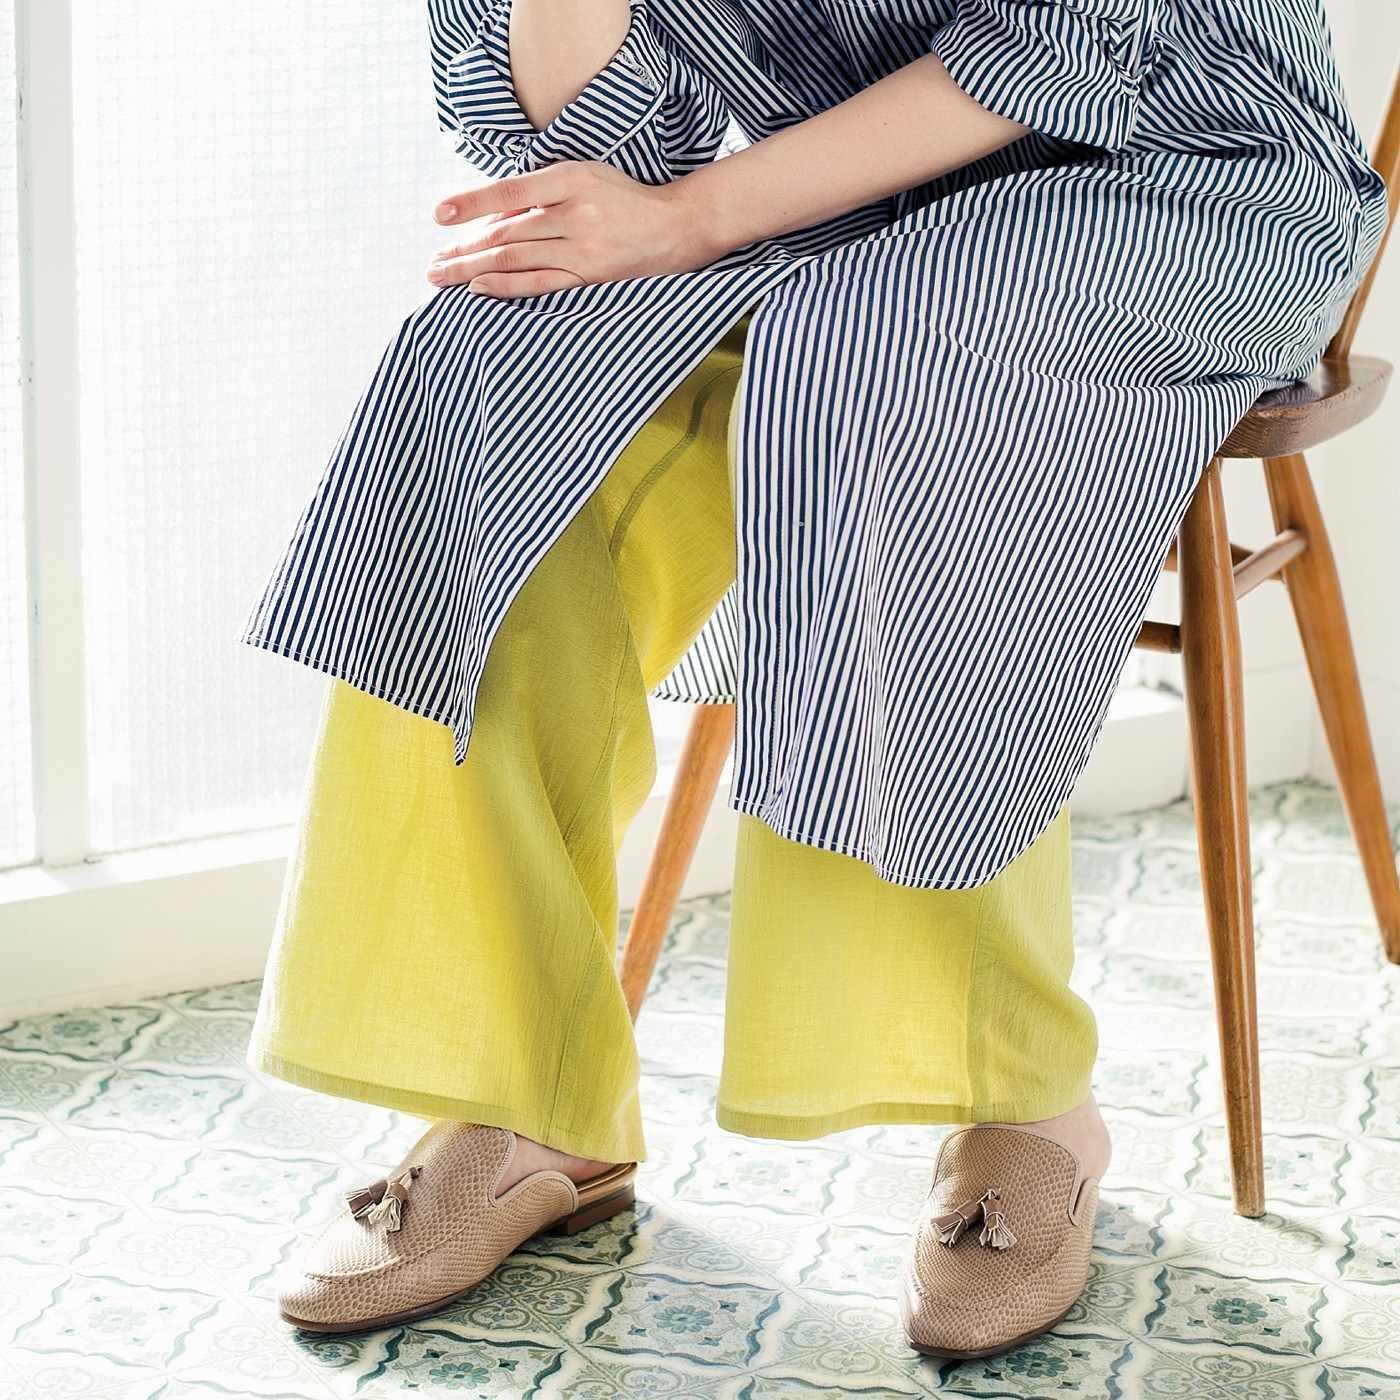 シアー感プラスで旬顔コーデ 綿100%でさらり快適 楊柳インナーパンツの会